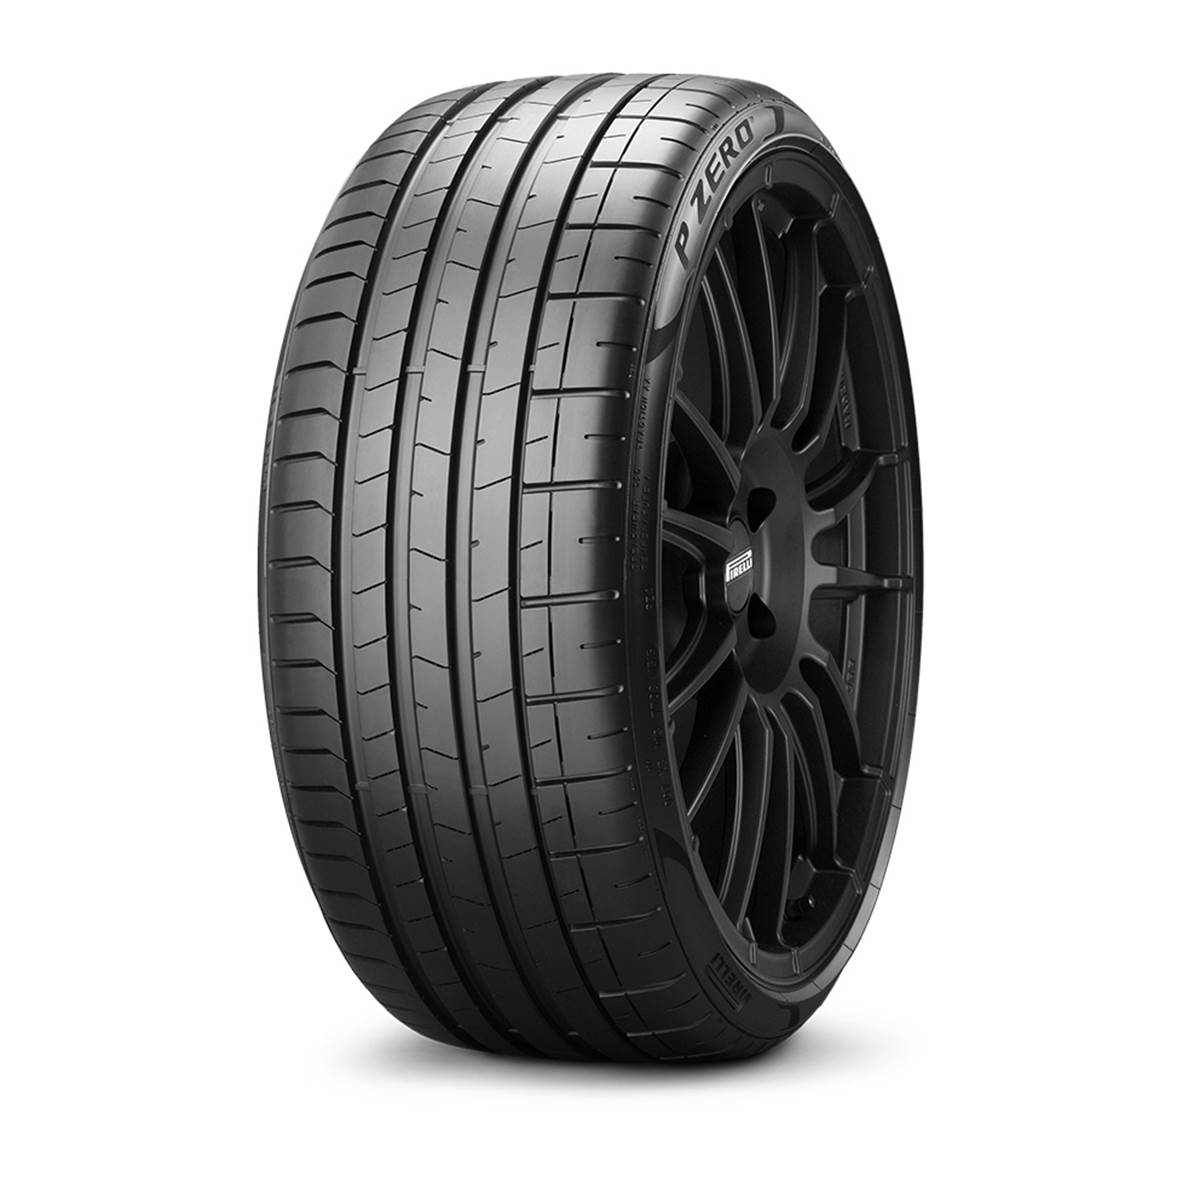 Pneu Pirelli 235/35R19 91Y Pzero XL